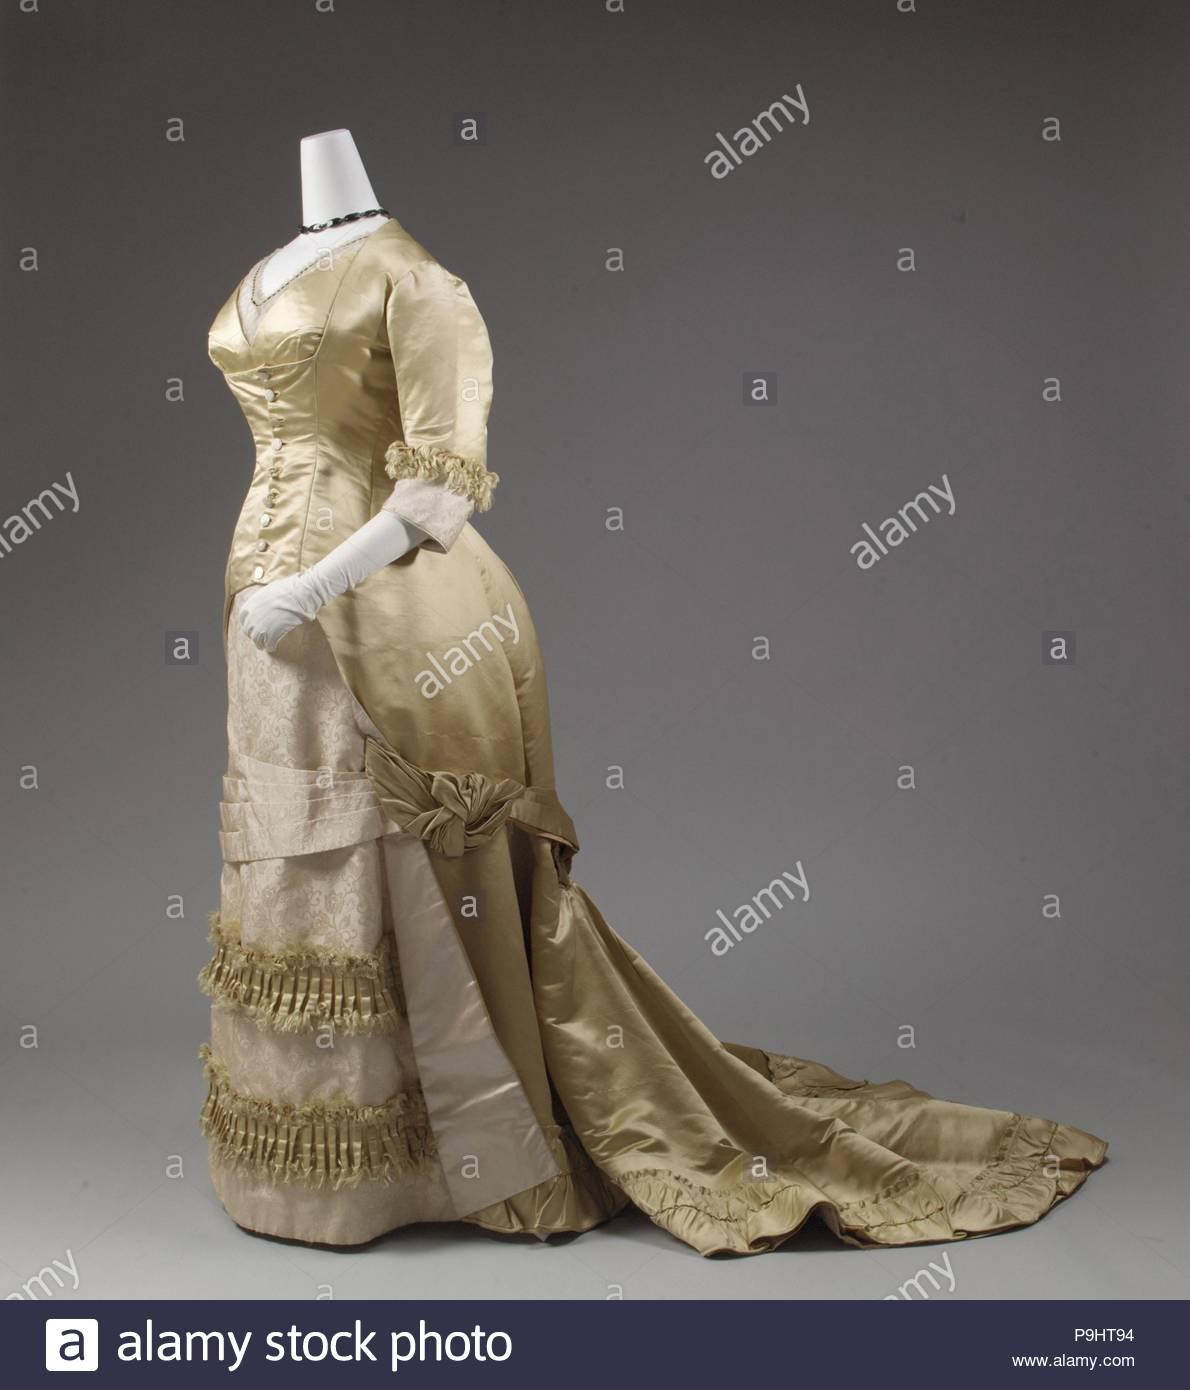 Robe de soirée, 1877-82, Européen, soie, avec couture mécanisée devenir omniprésente, ainsi que les infirmières de penchant pour les parures faits à la machine tels que braid, la dentelle et les rubans, la robe de la femme est devenue la base sur laquelle élaborer la décoration de surface a été appliqué. Photo Stock